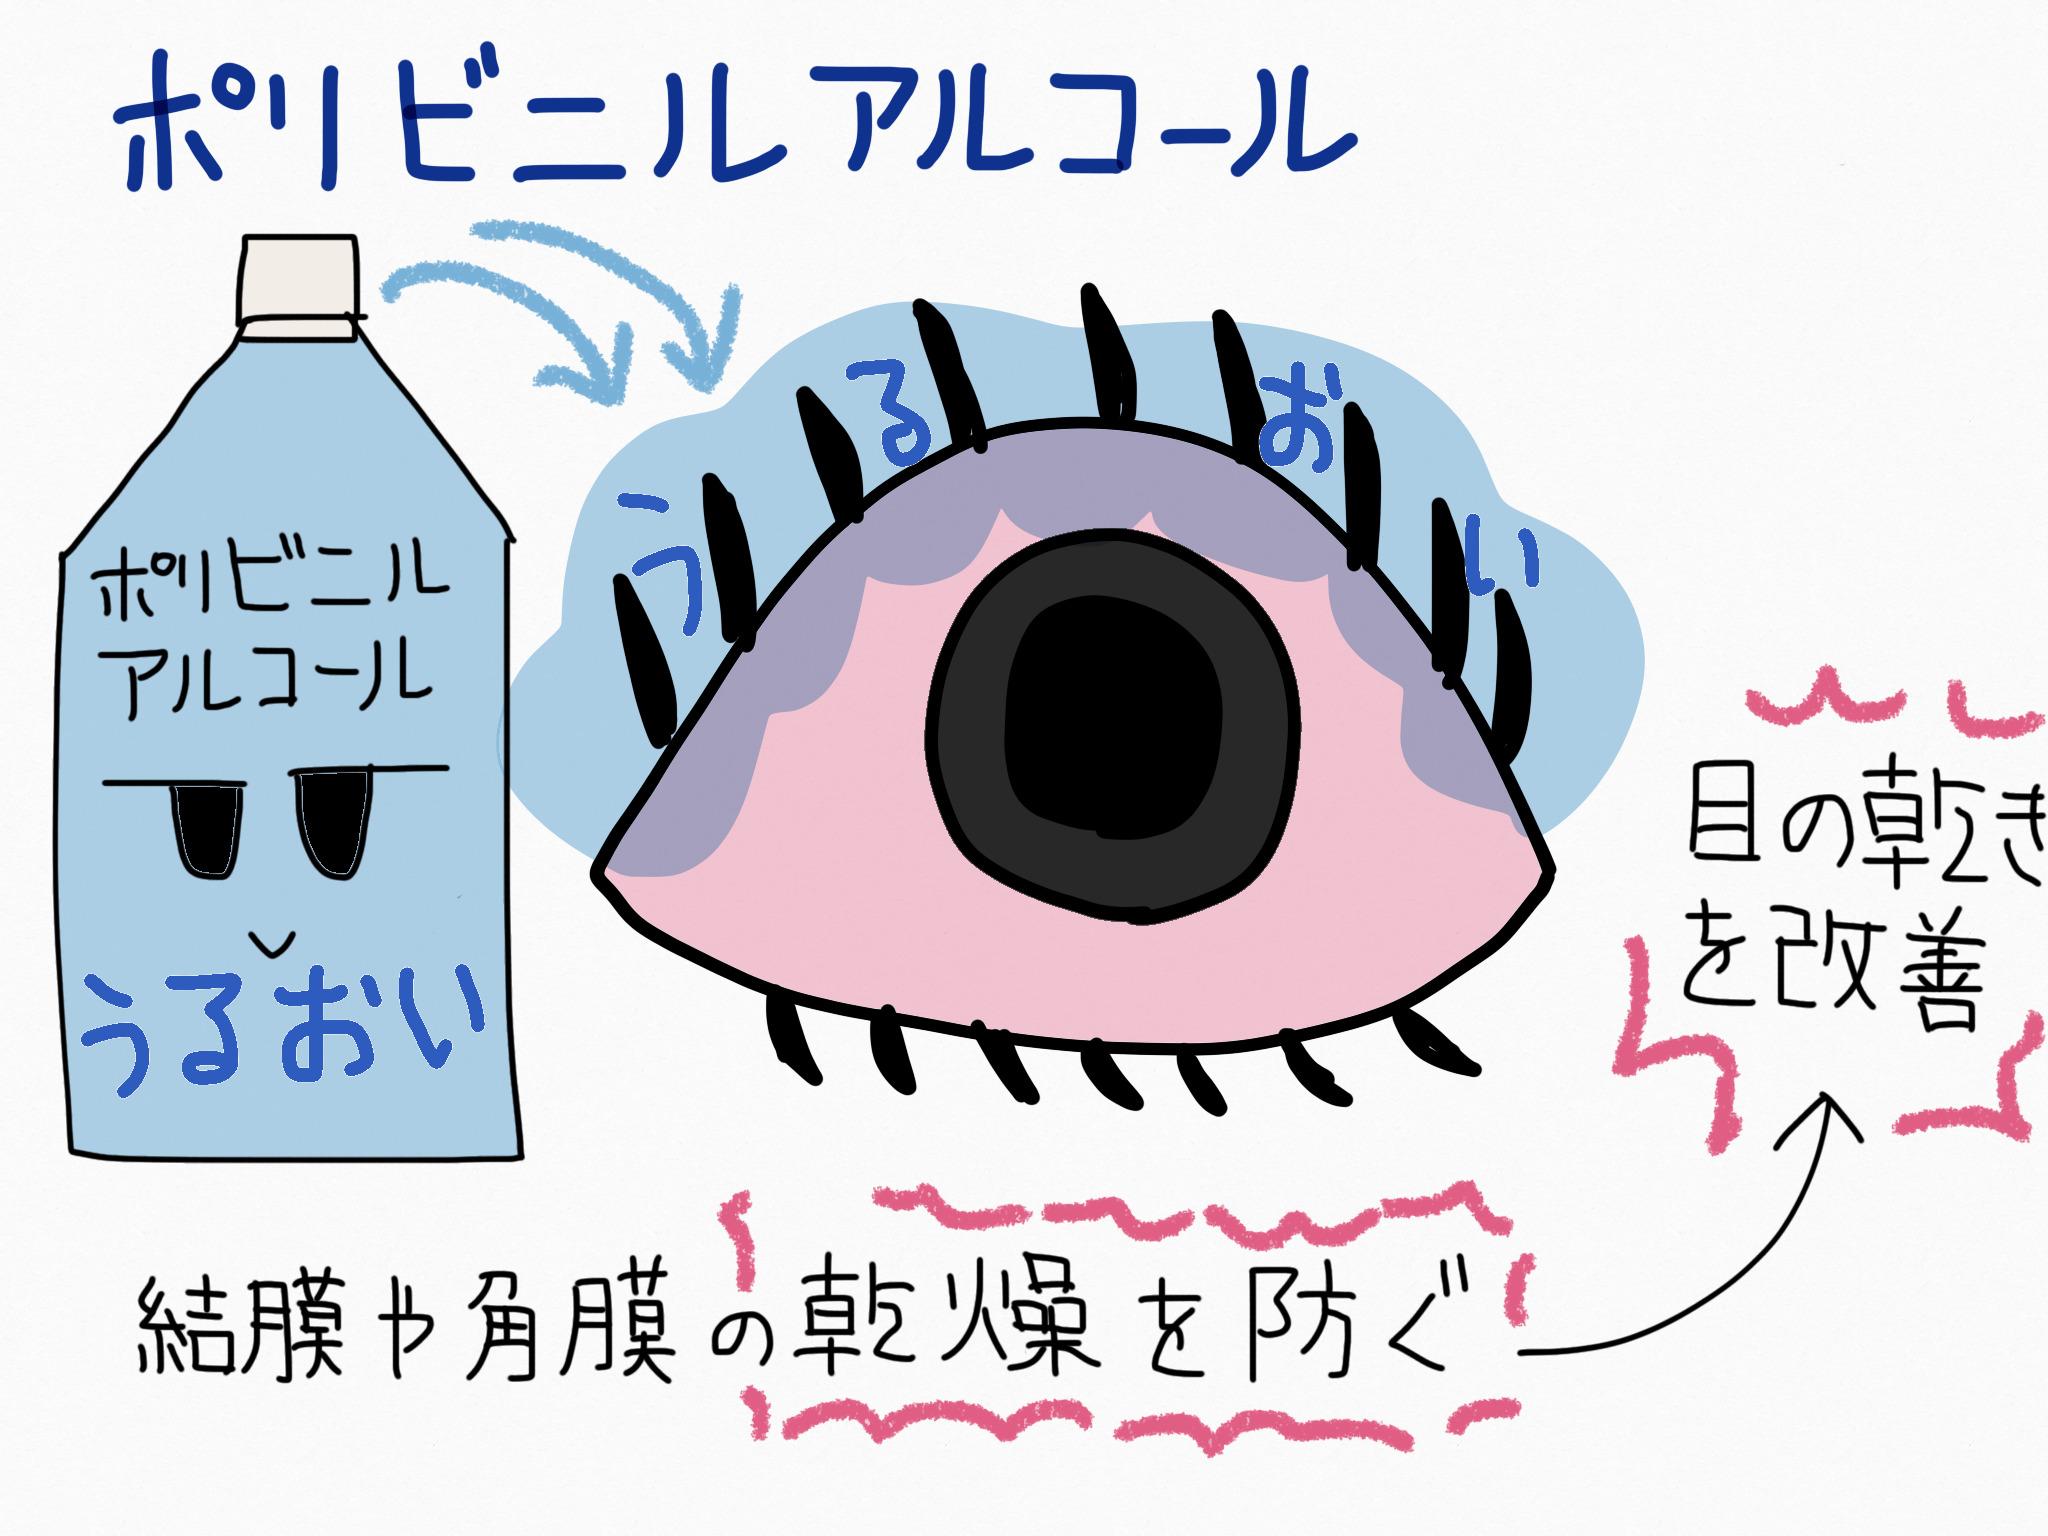 ポリビニルアルコール(部分鹸化物)・目の乾きを改善する成分の覚え方